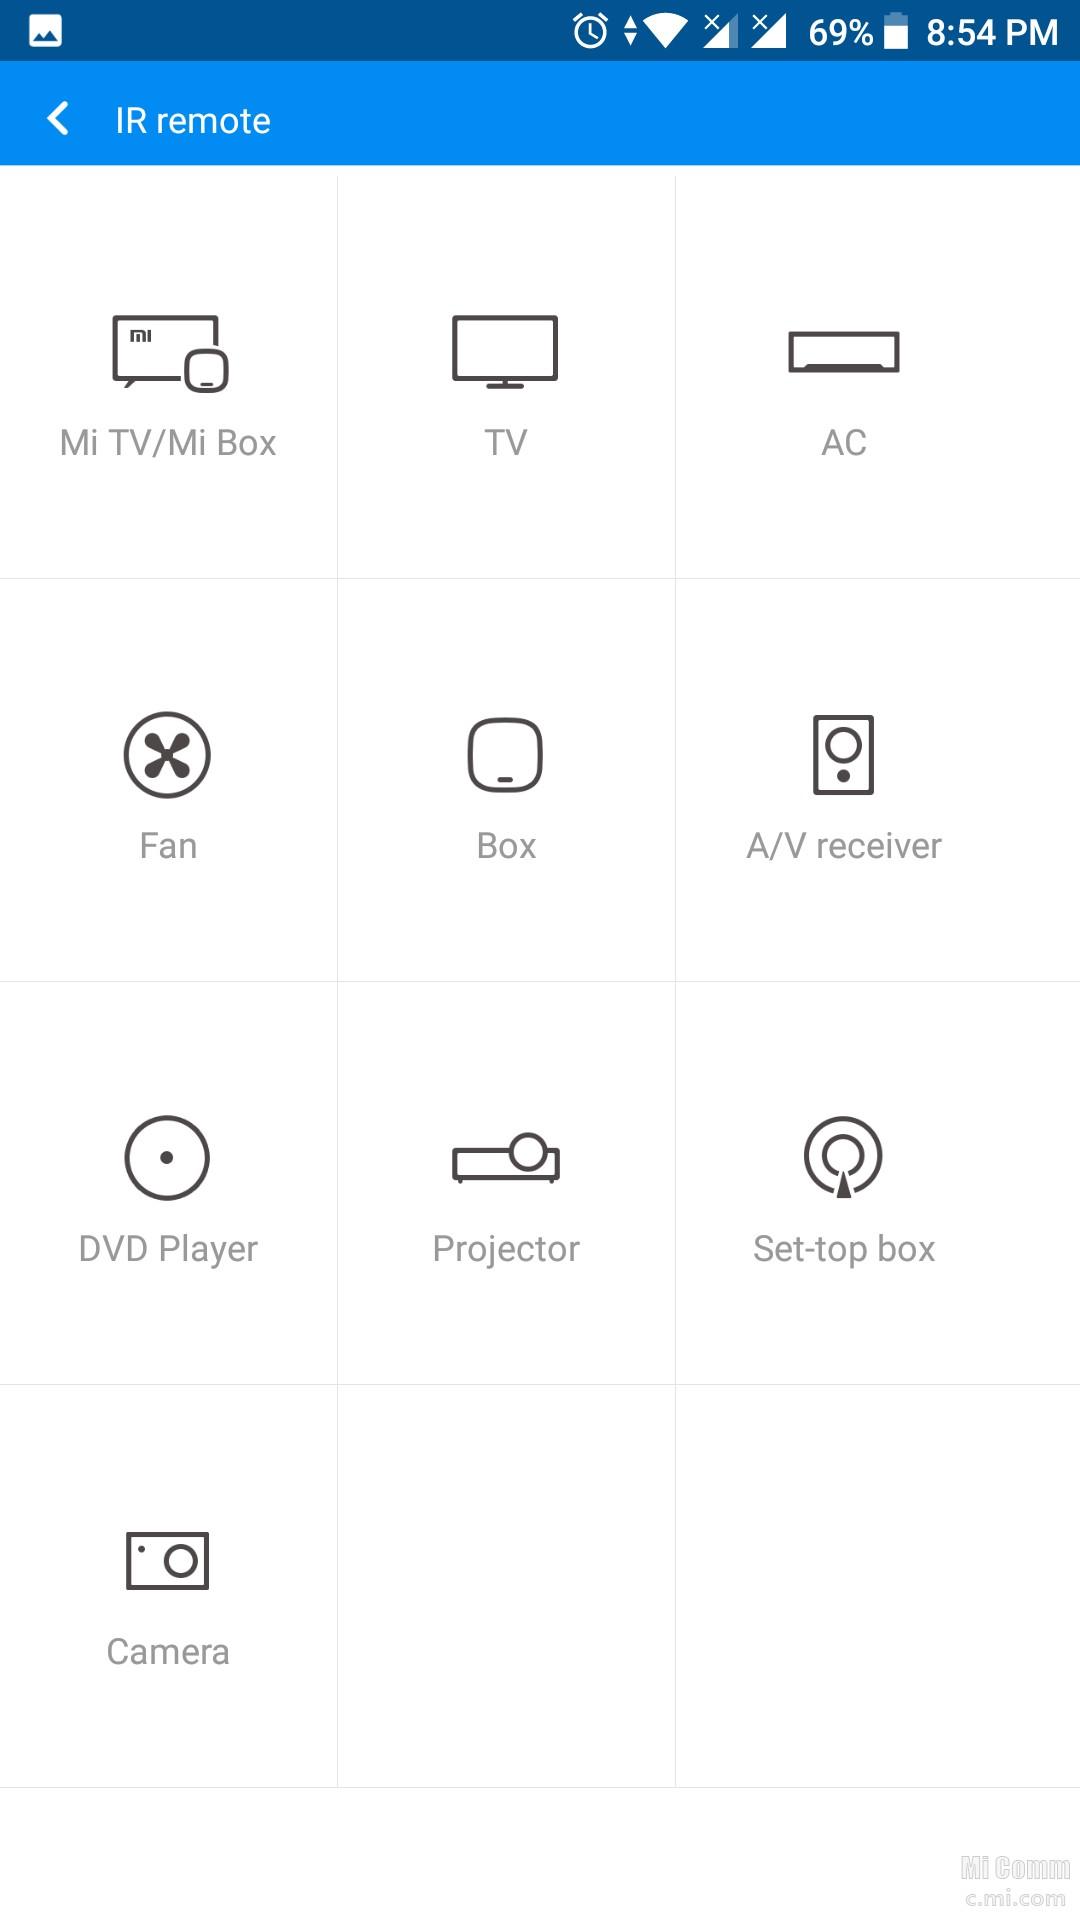 Xiaomi Mi Remote App: All in 1 TV & Appliance Remote app